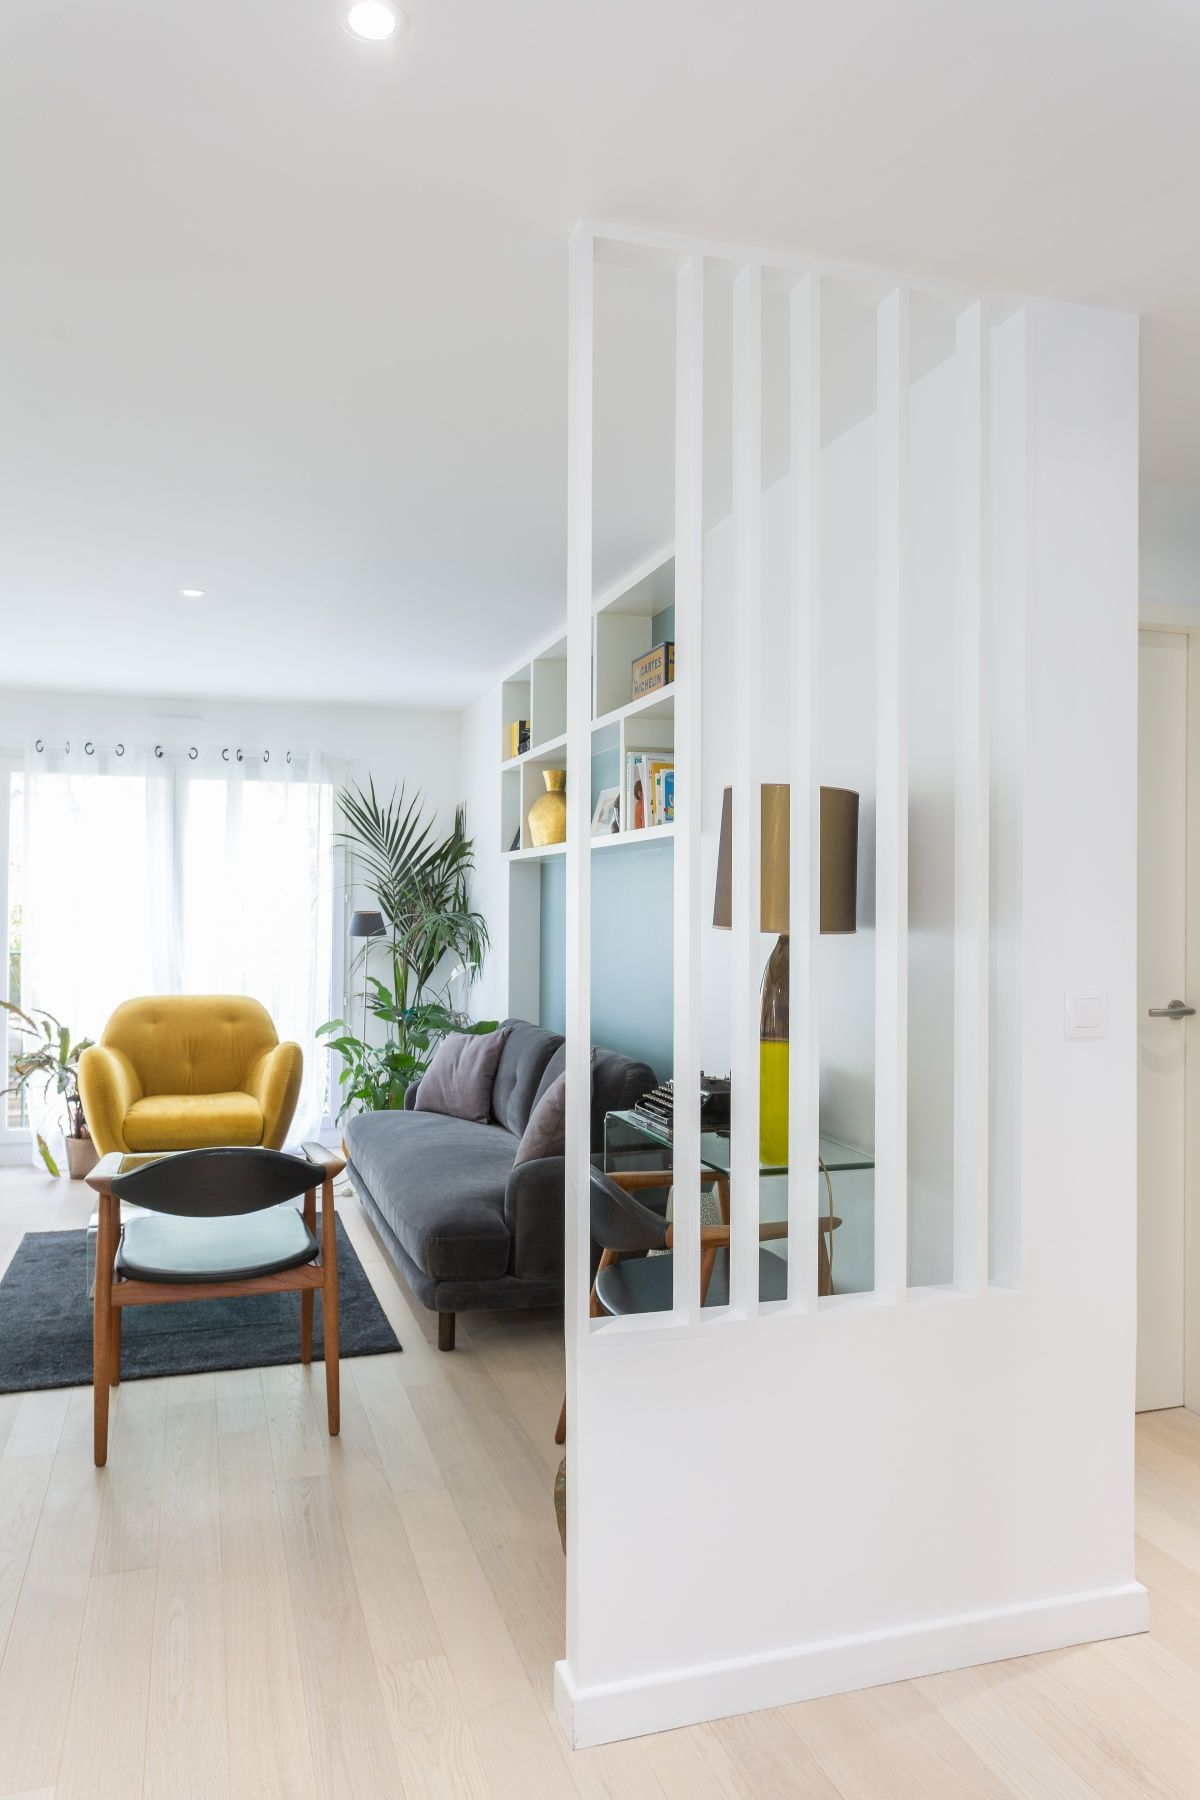 mon concept habitation r novation d 39 architecte sur paris. Black Bedroom Furniture Sets. Home Design Ideas